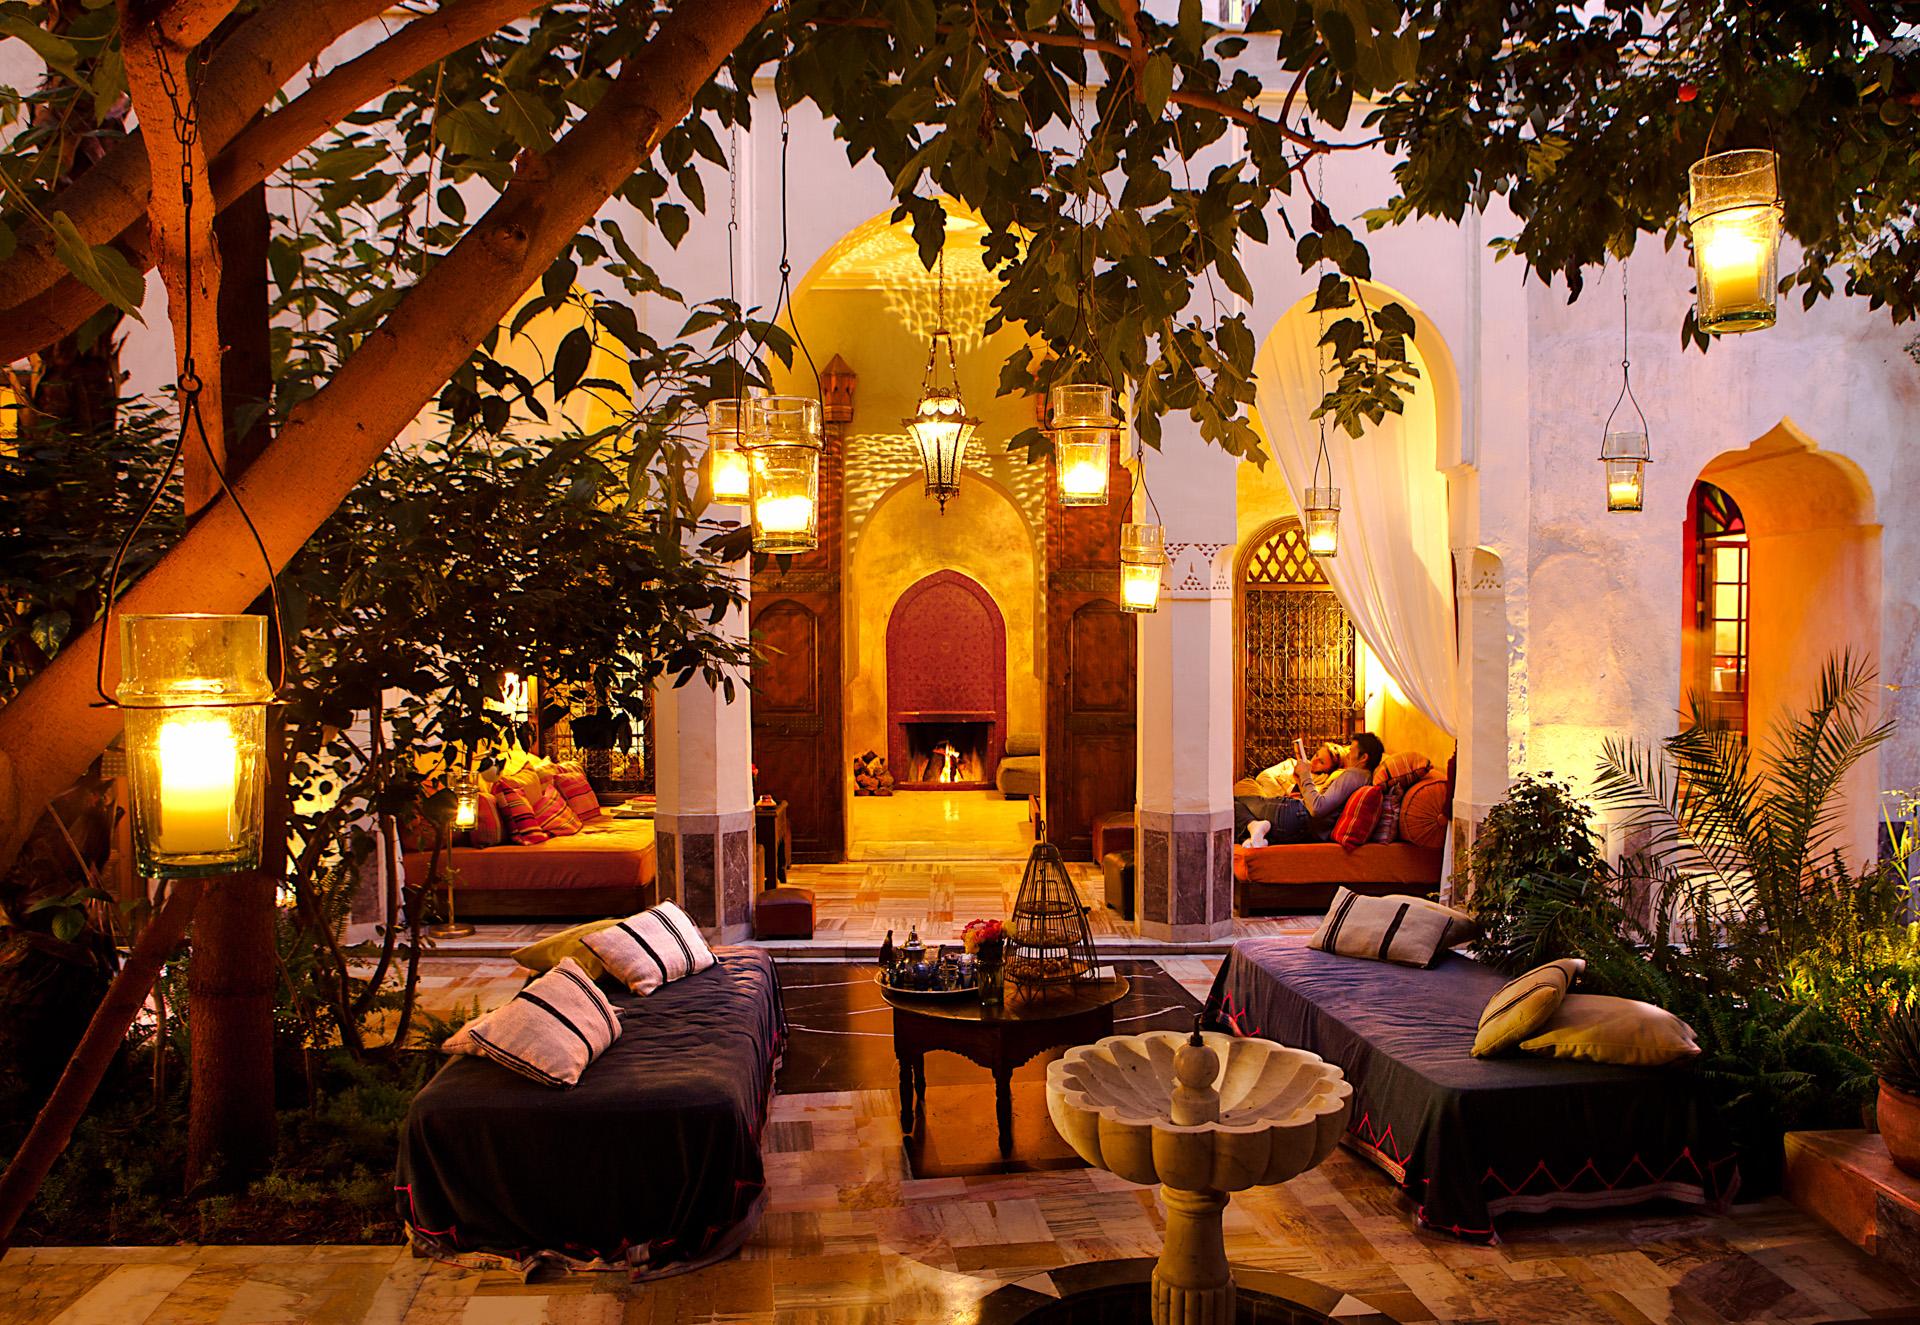 hospitality_tourism_24